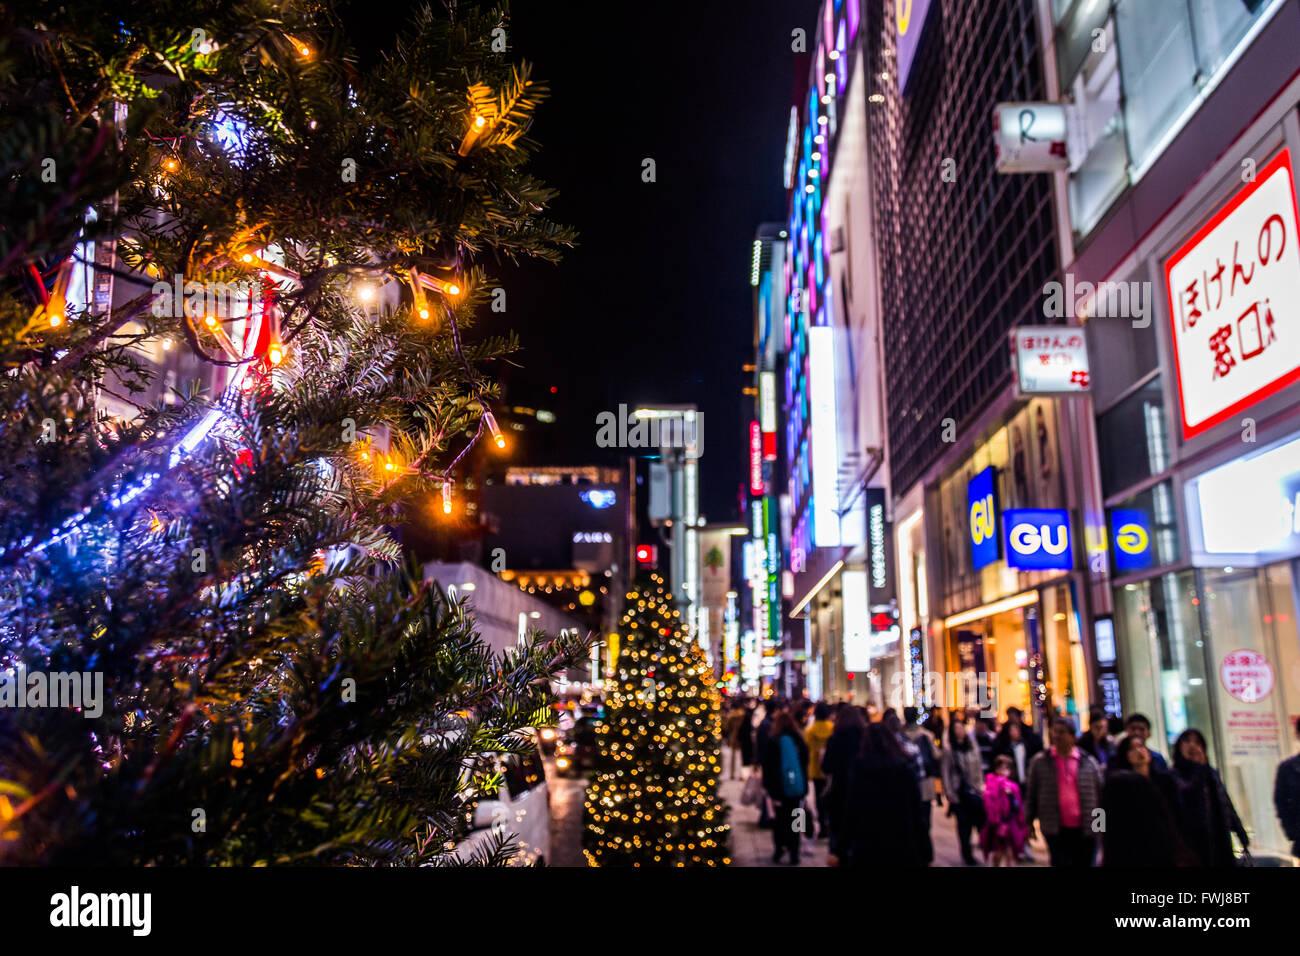 Menschen auf der Straße entlang gebaut Strukturen und beleuchtete Bäume Stockbild